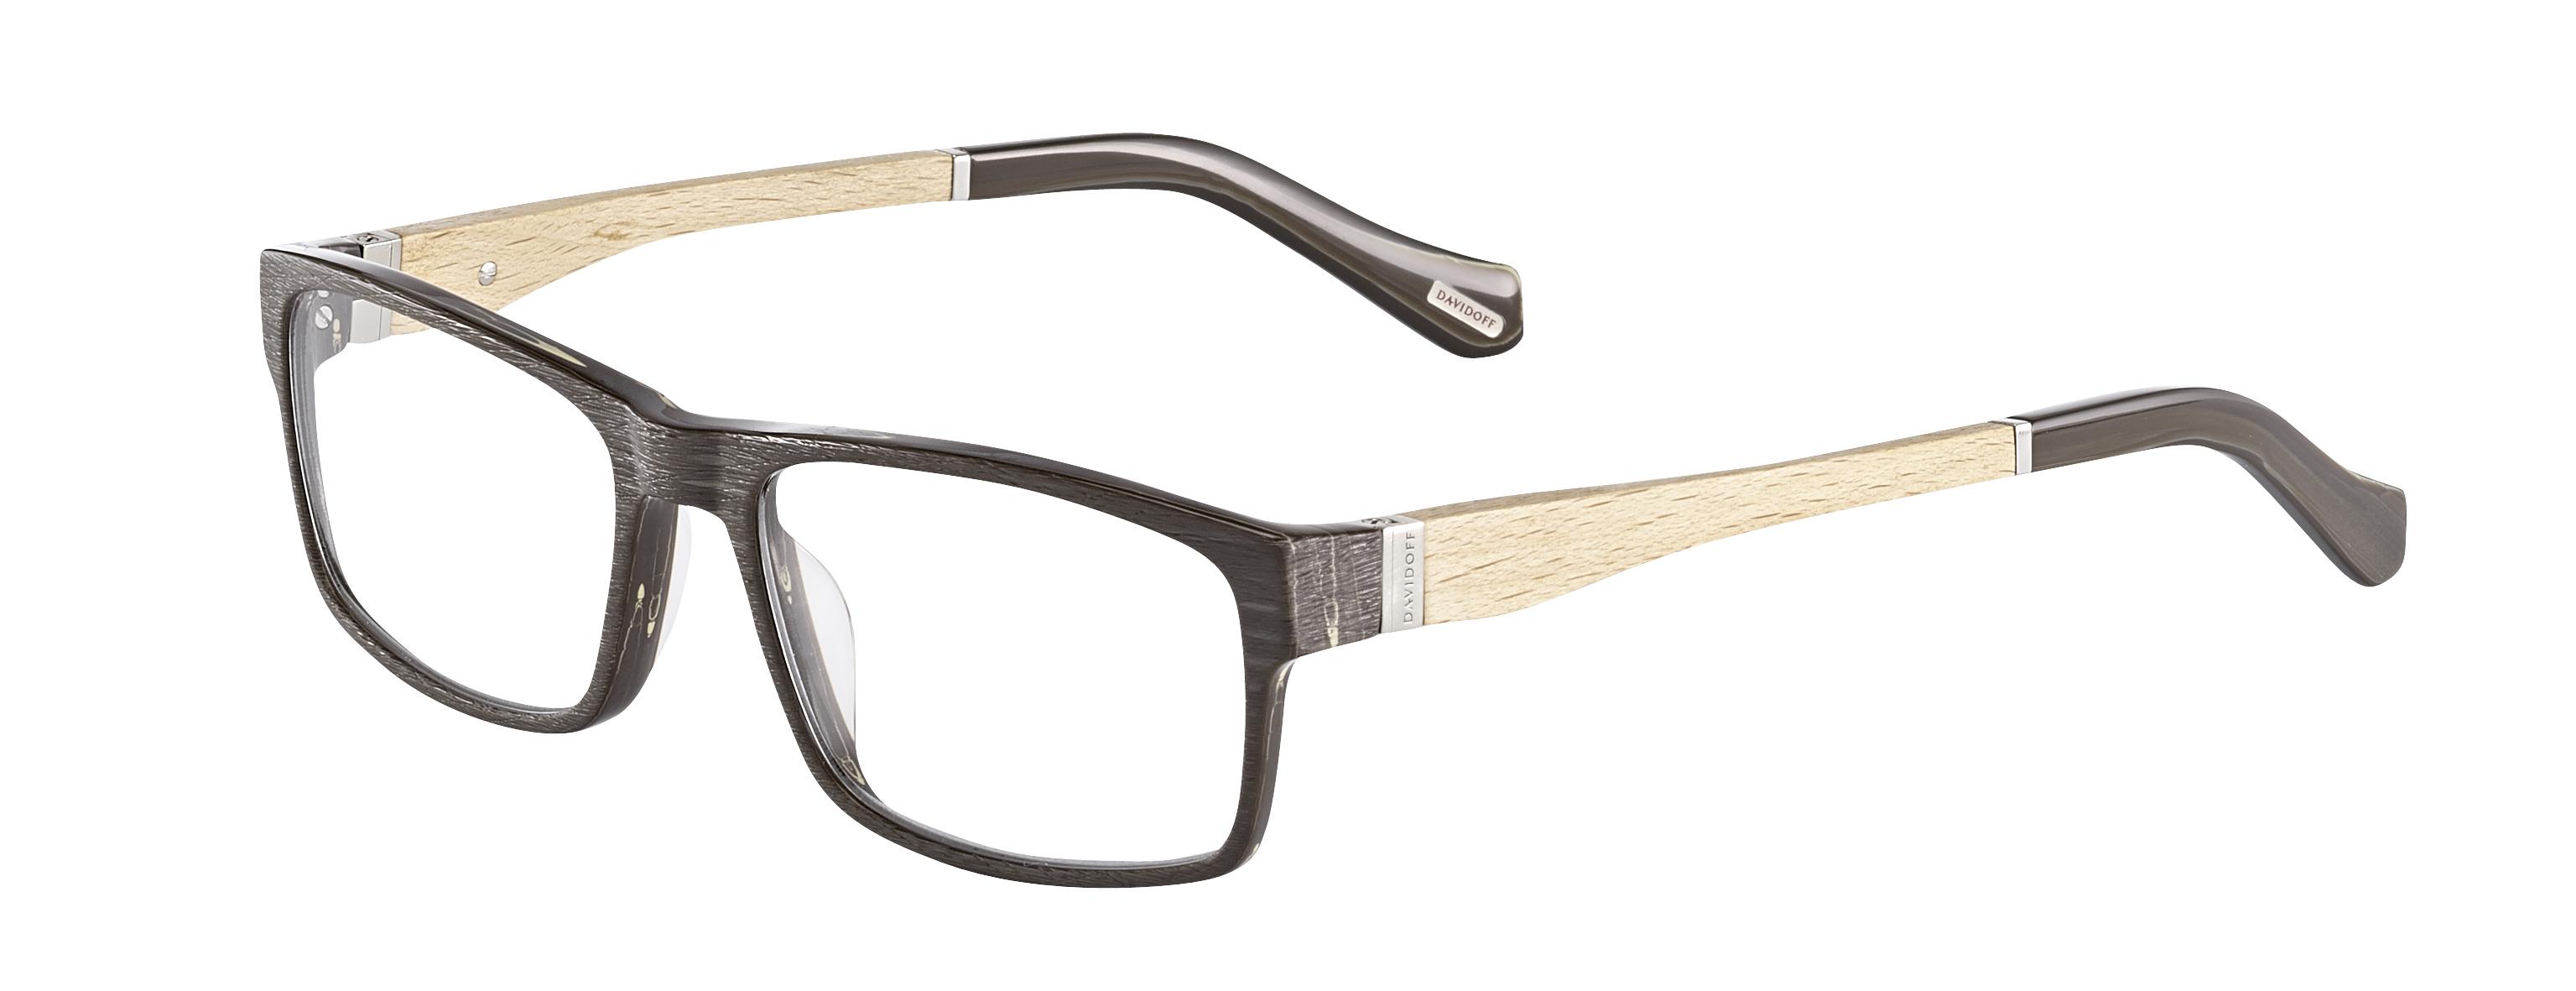 e6150e9ddb4c Davidoff 92021 Progressive Prescription Eyeglasses FREE S&H 92021-6471PR,  92021-6472PR, 92021-8738PR. Davidoff Progressive Eyeglasses for Men.